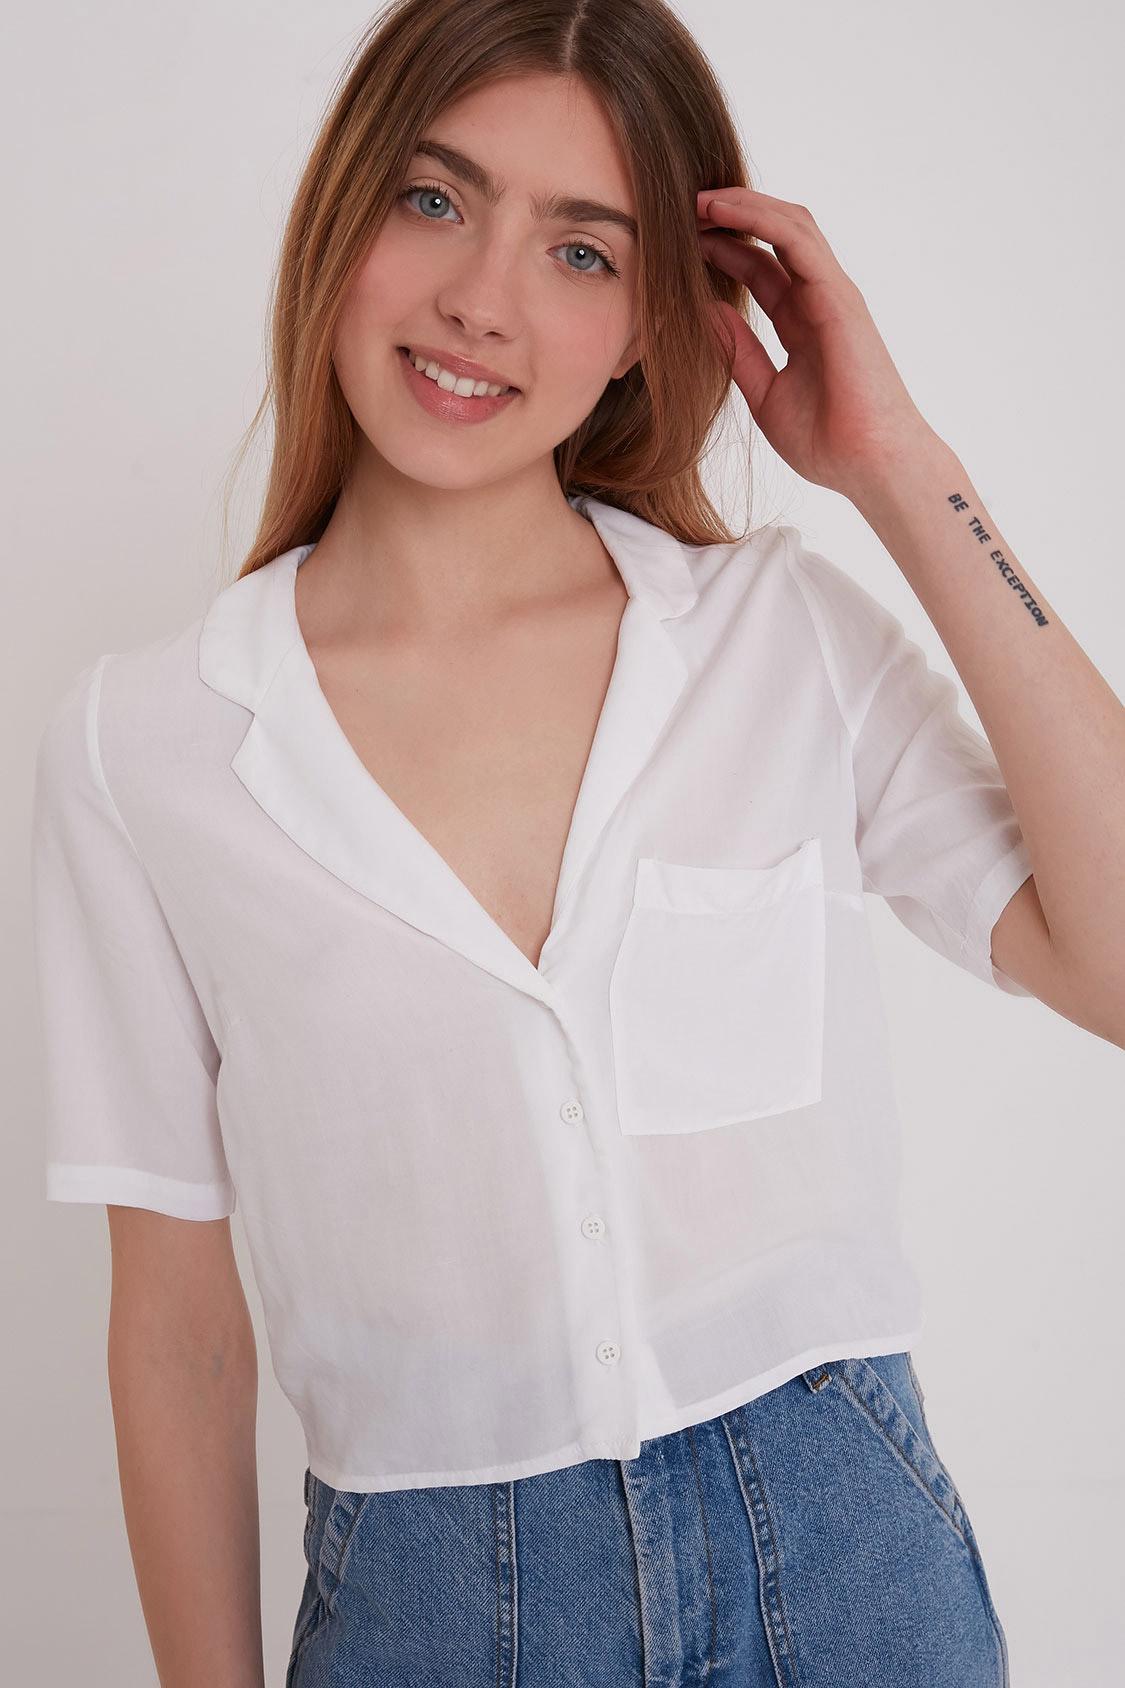 V-neck shirt with pocket